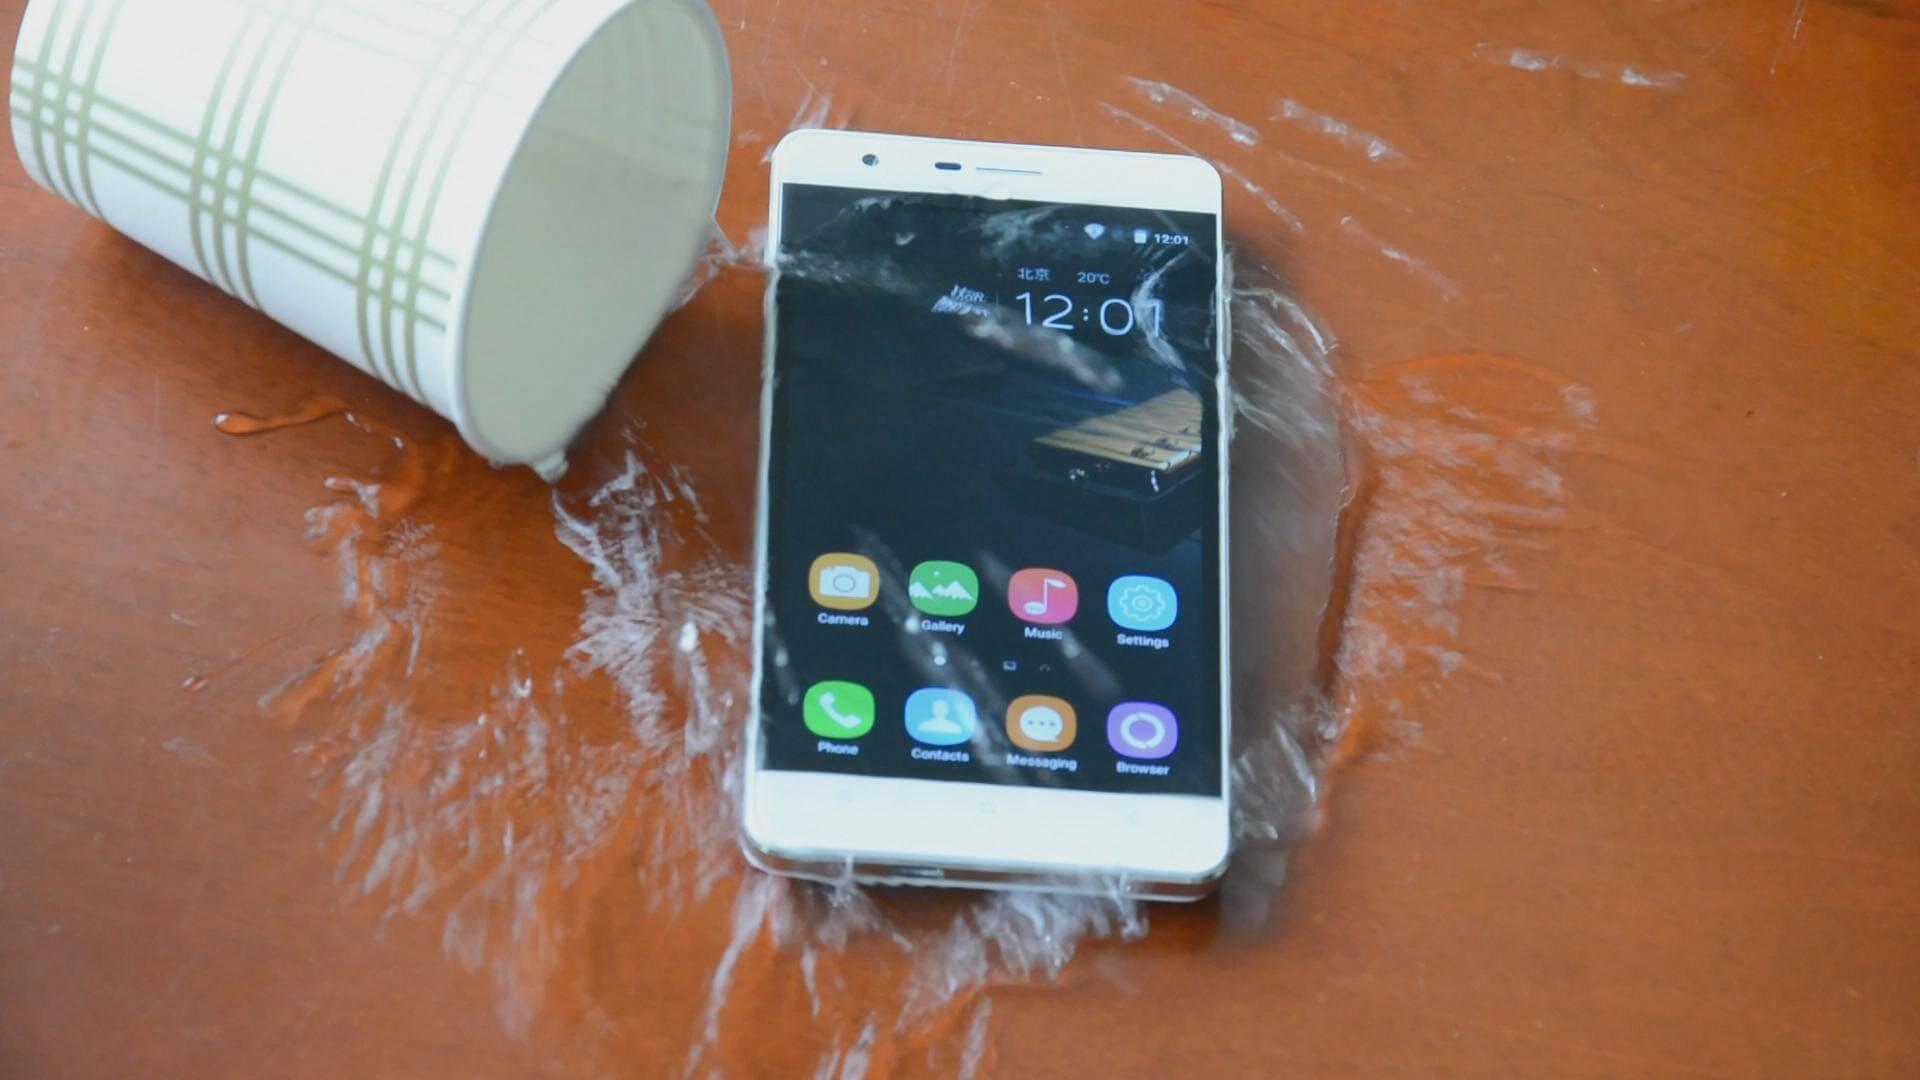 Oukitel называет K10000 Pro «королем» среди смартфонов-долгожителей